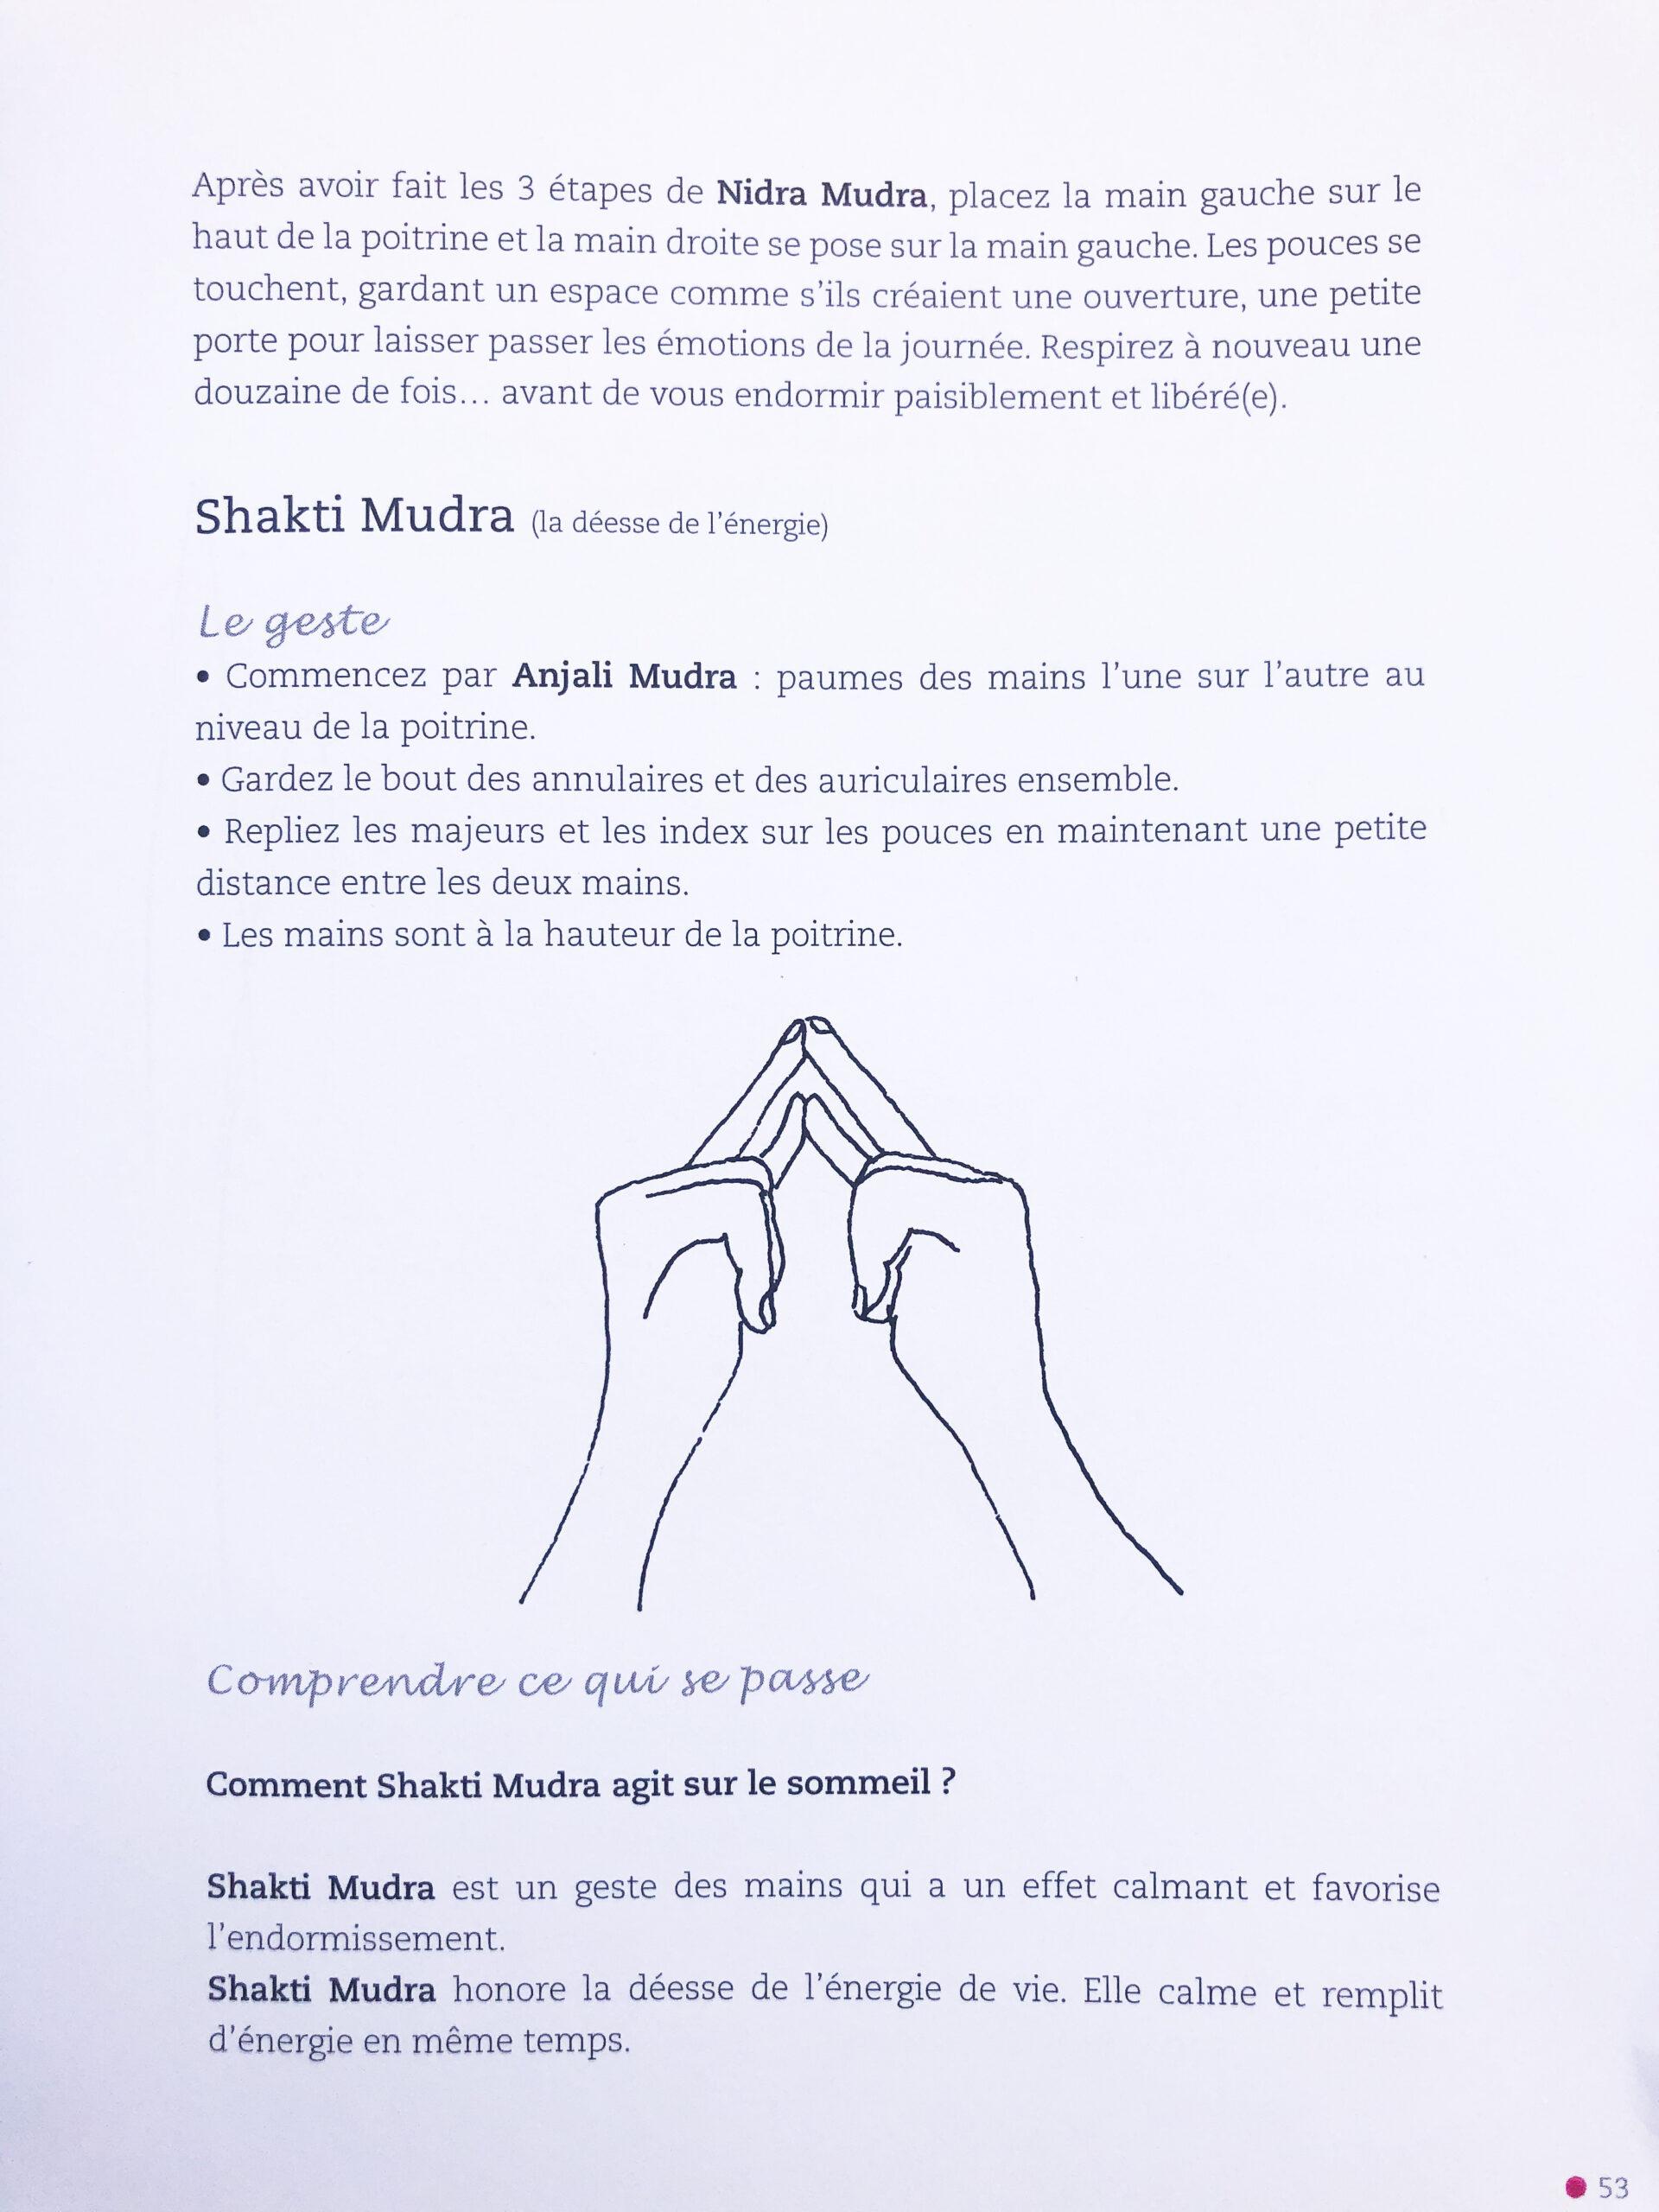 Mudra, le yoga des doigts (page 53))